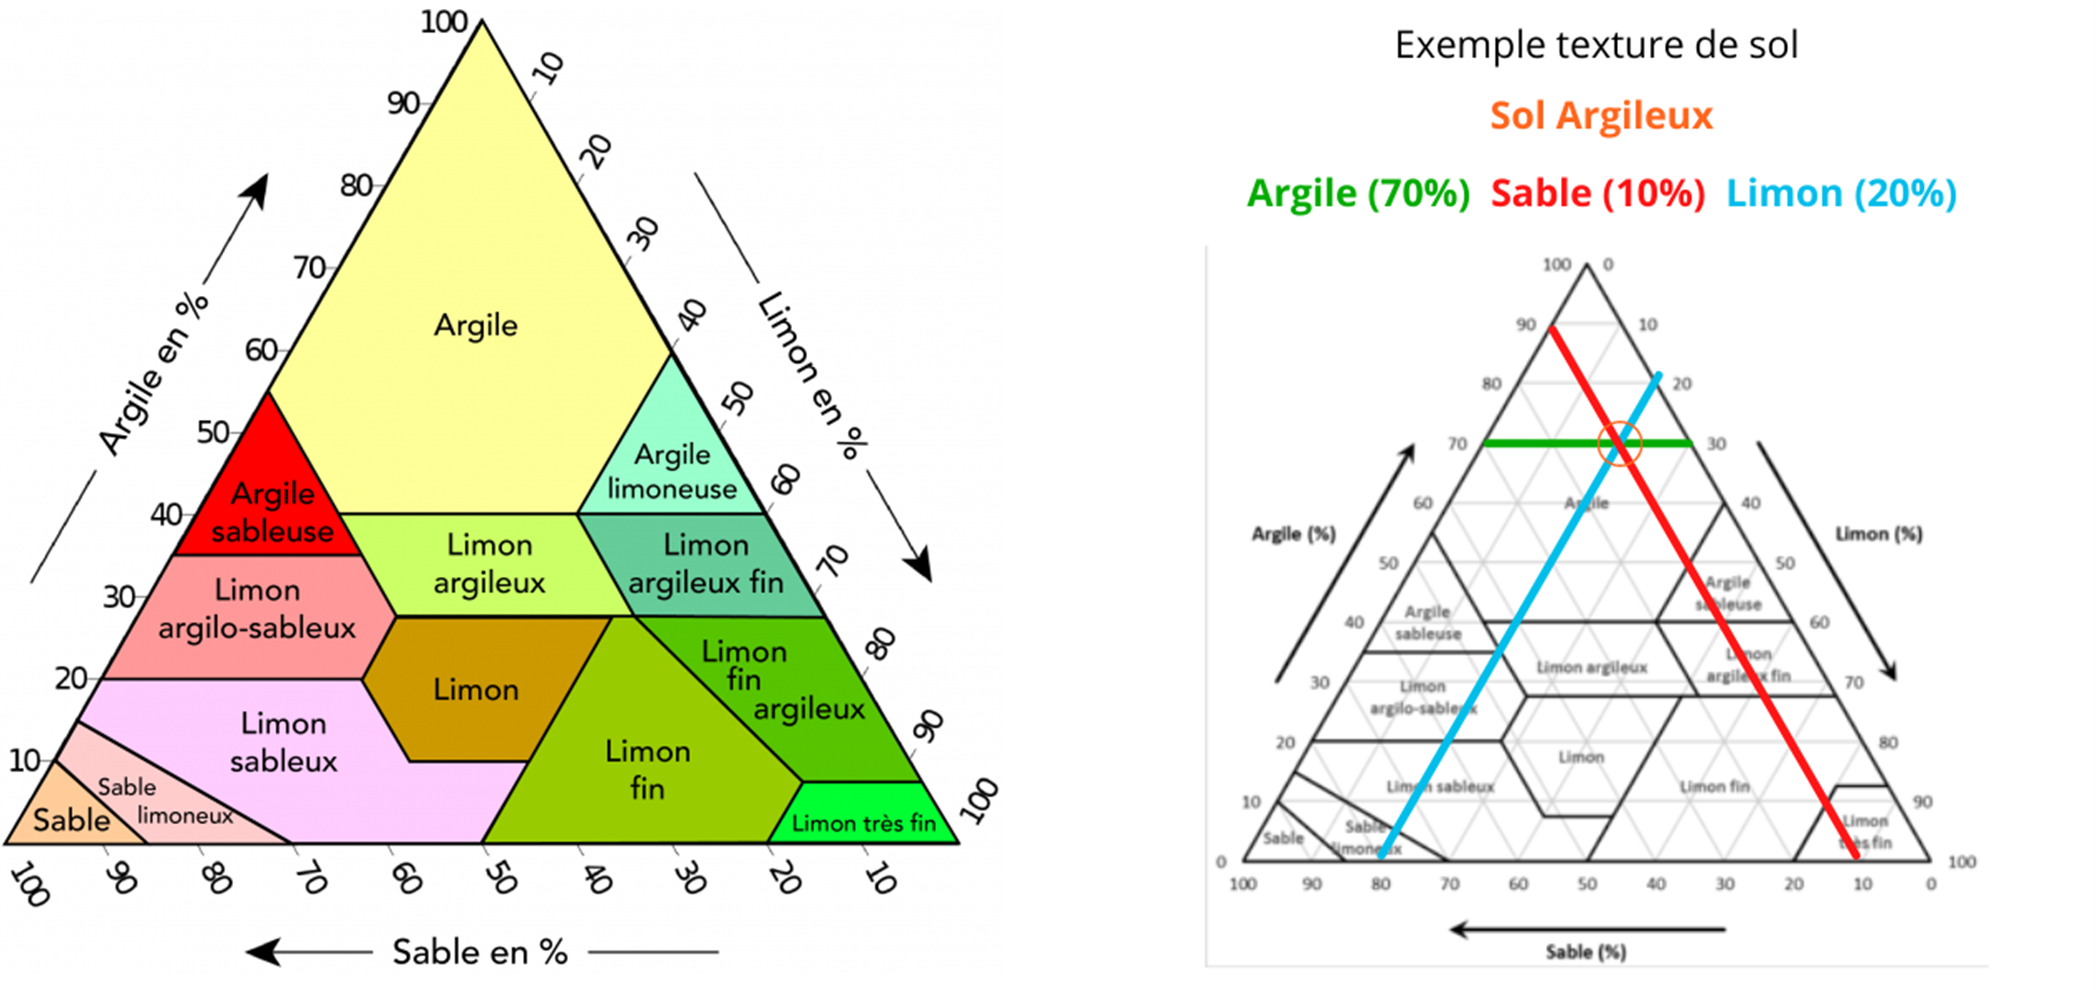 Analyse des types de sols avec triangle des textures